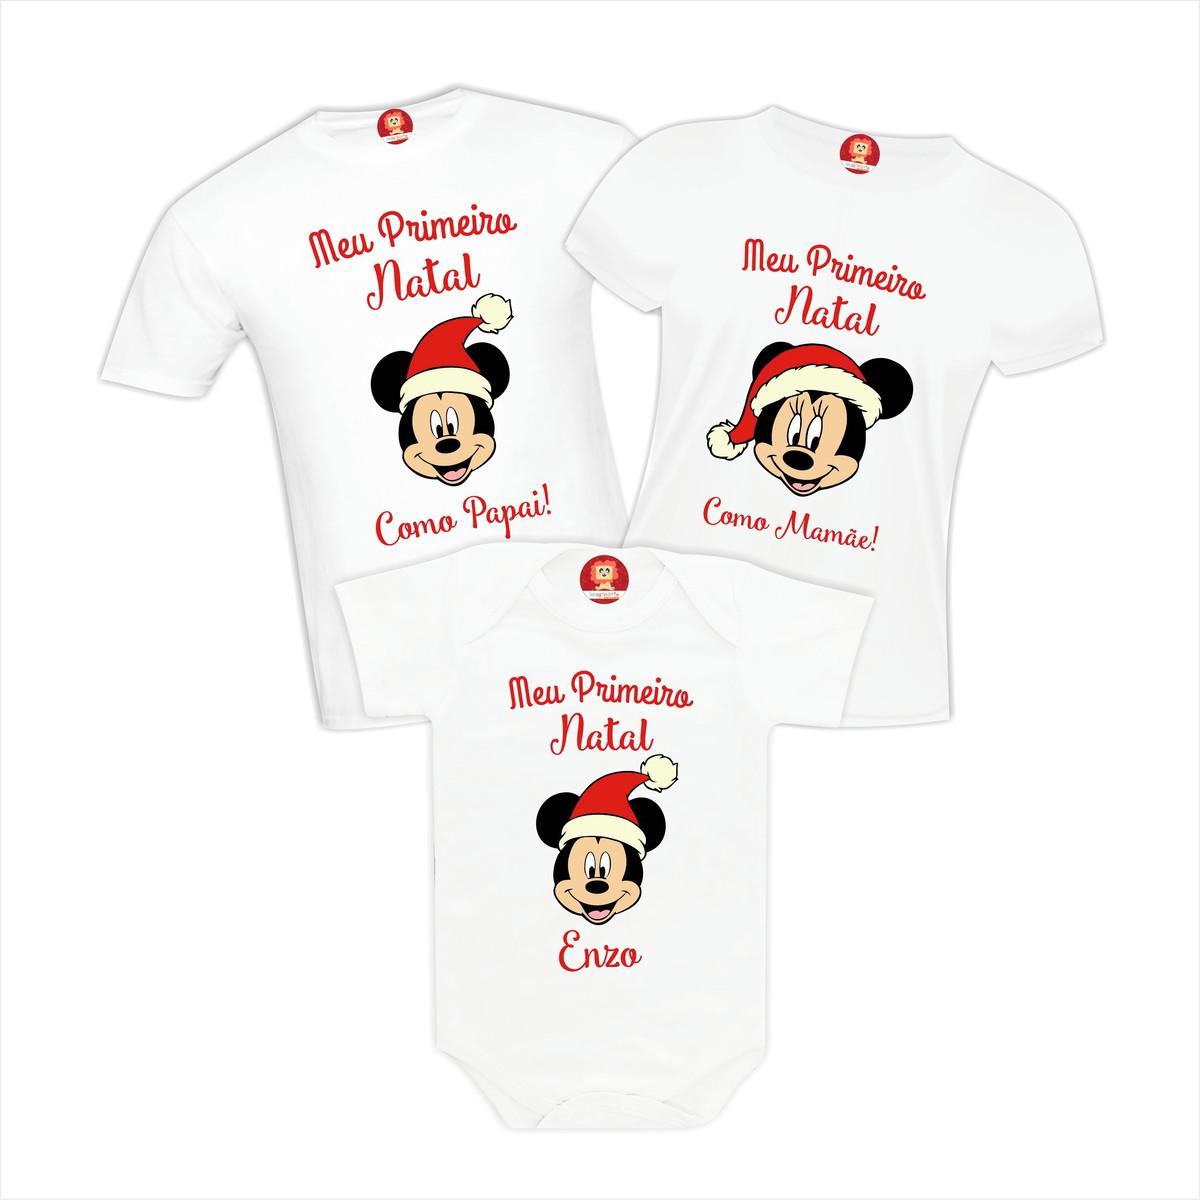 5e63ad9d7525 Kit Camisetas Primeiro Natal em Família Mickey e Minnie no Elo7 ...